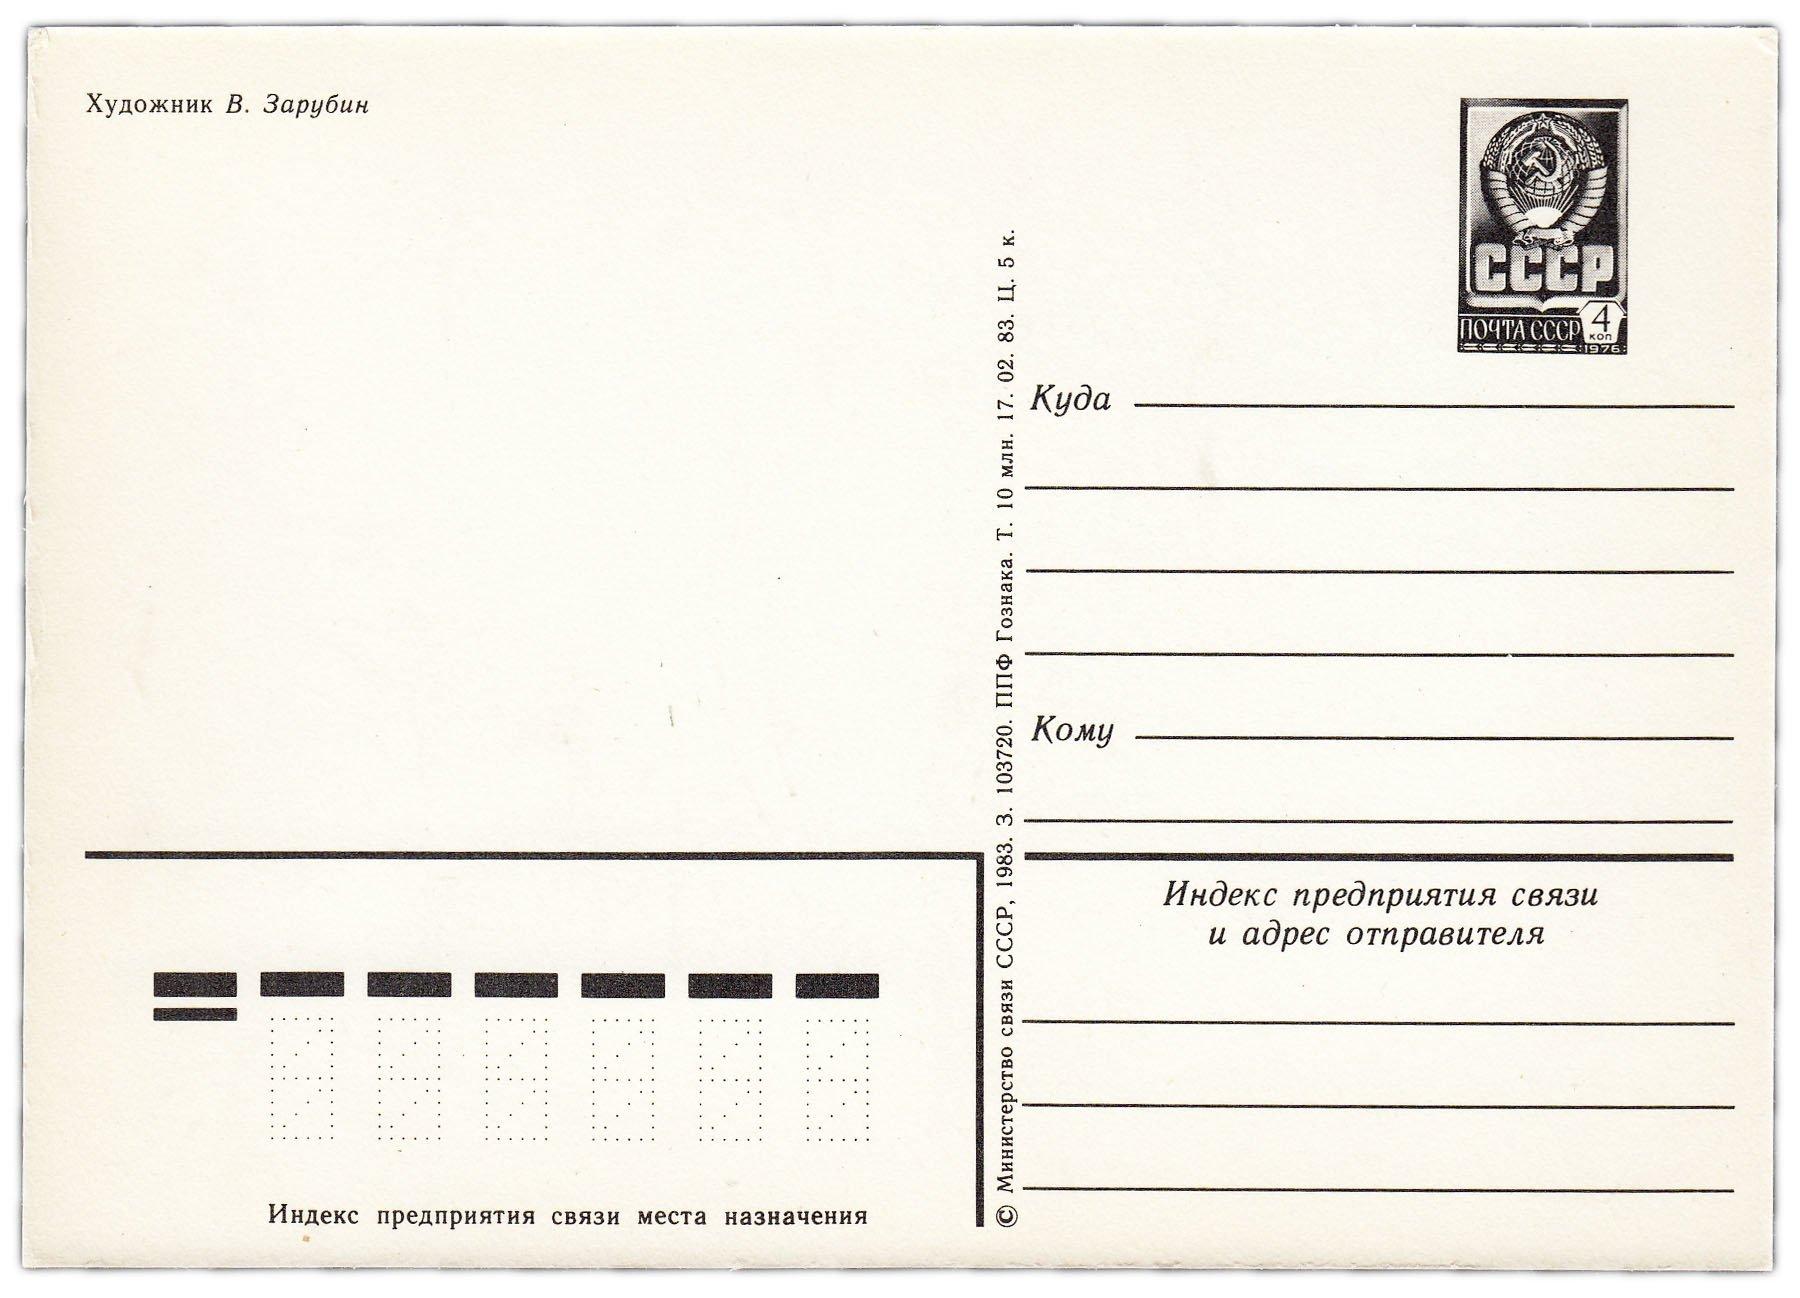 Фотошоп почтовые открытки